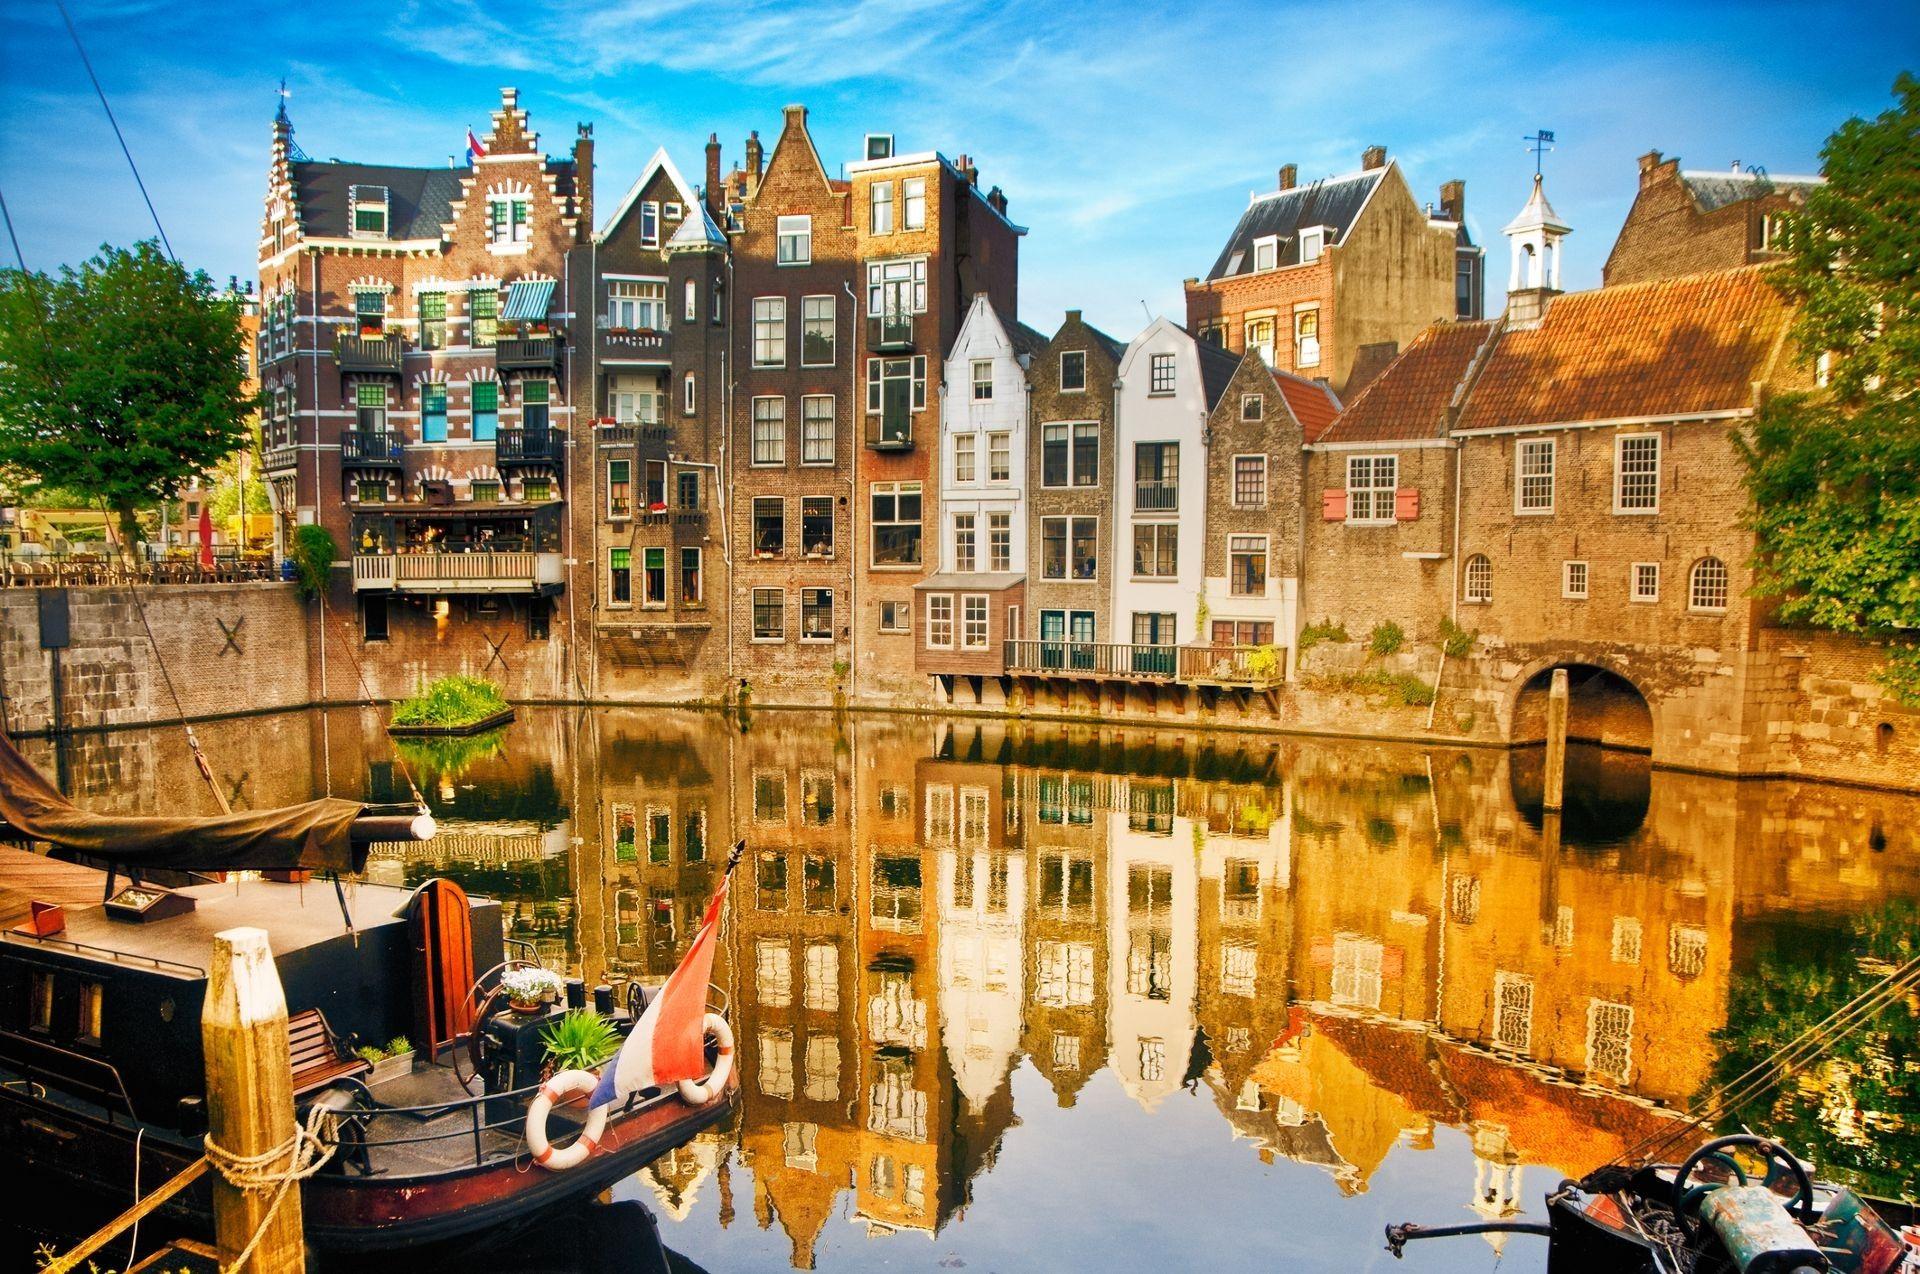 Захватывающее путешествие по Европе: Германия, Франция, Великобритания без виз, Бельгия, Нидерланды - Туристический оператор APL Travel (АПЛ Тревел)